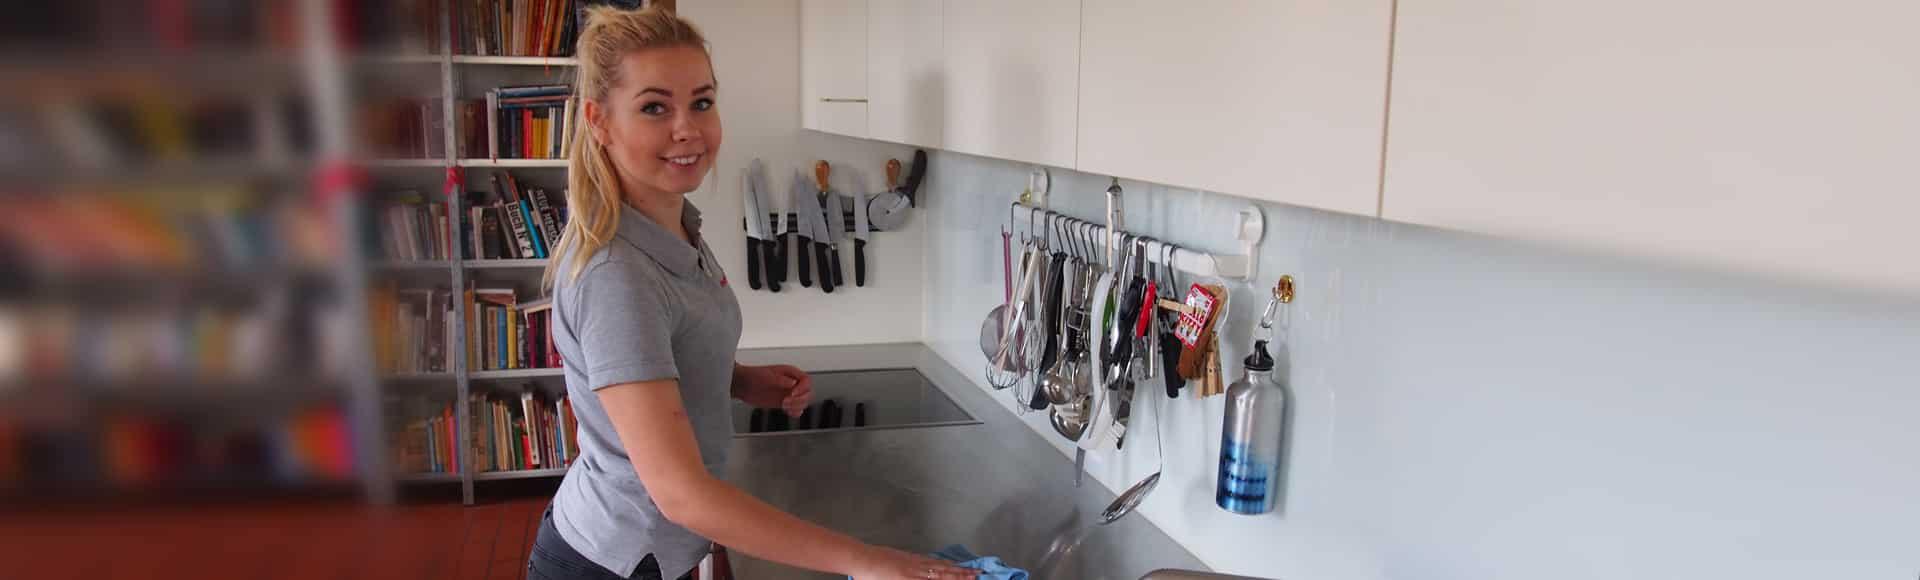 Putzfrau von meinePerle putzt Küche